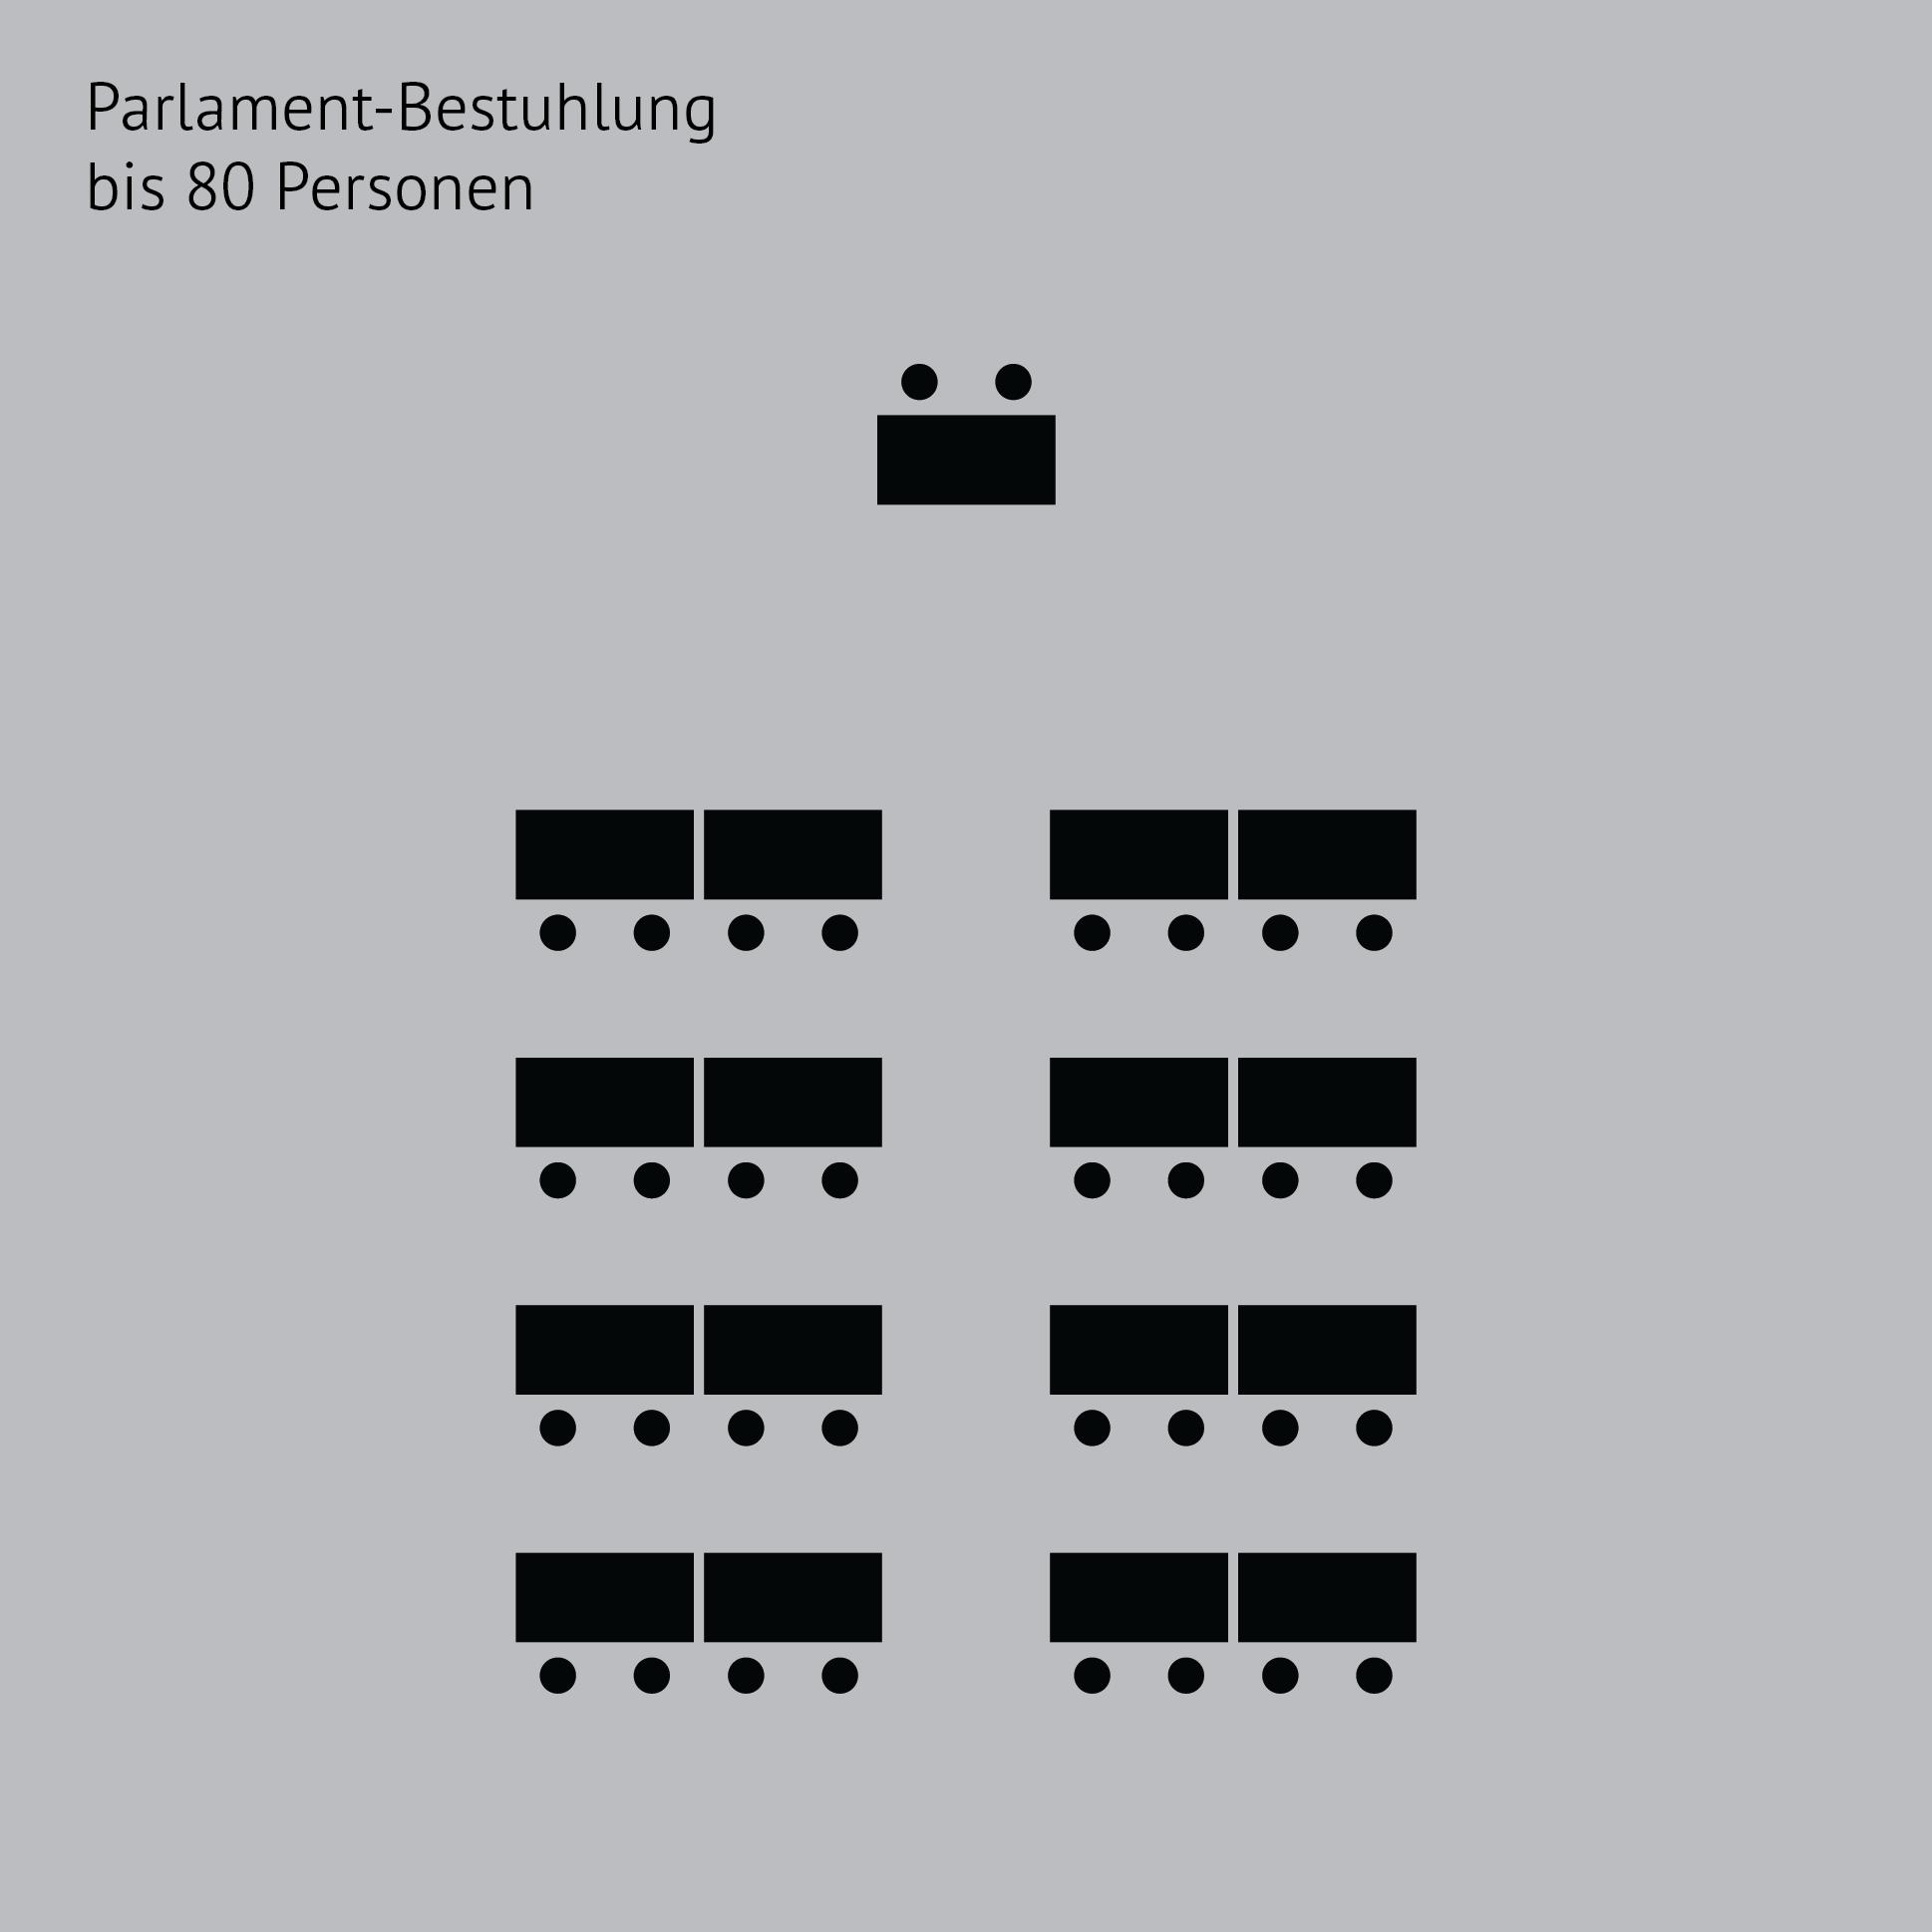 Seminarraum_Saentis_465x465px_Parlament